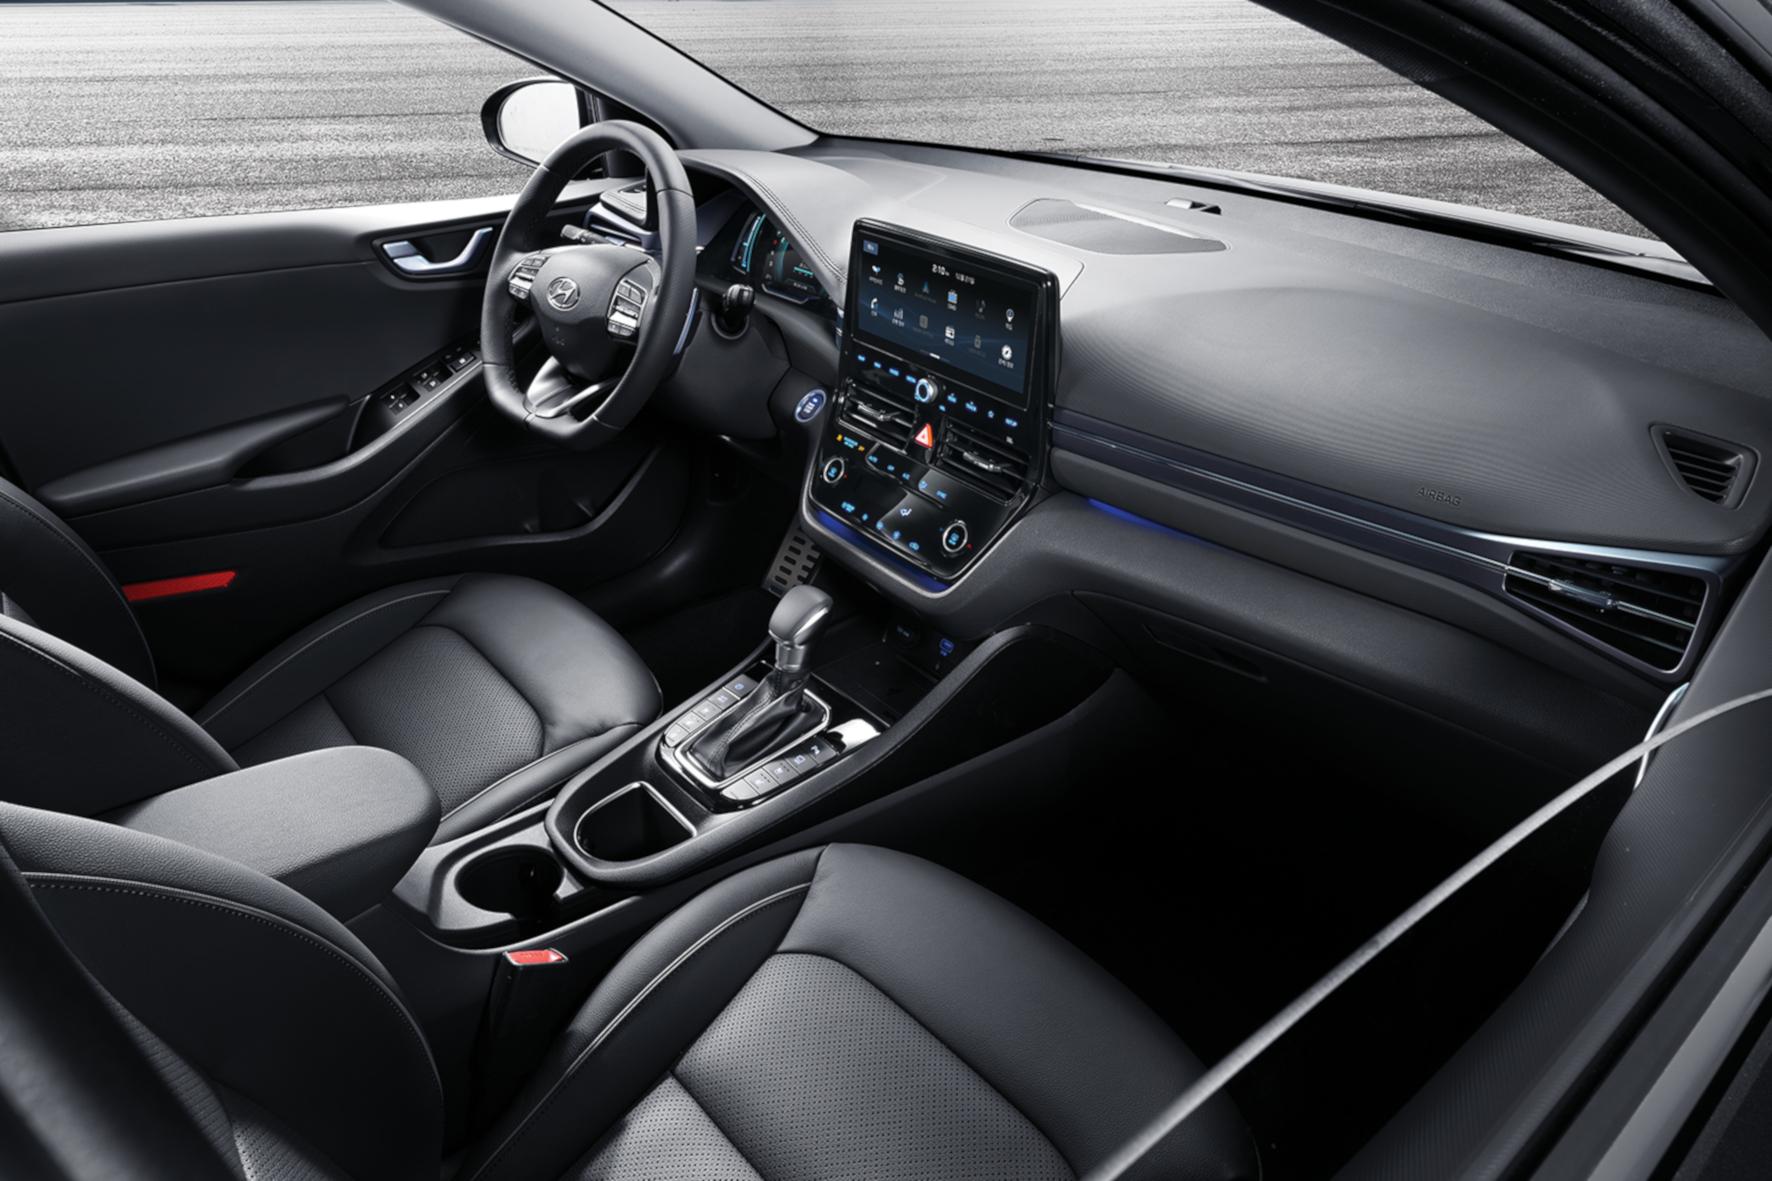 Attraktiv gestaltet und leicht bedienbar: Die Armaturen des Hyundai Ioniq